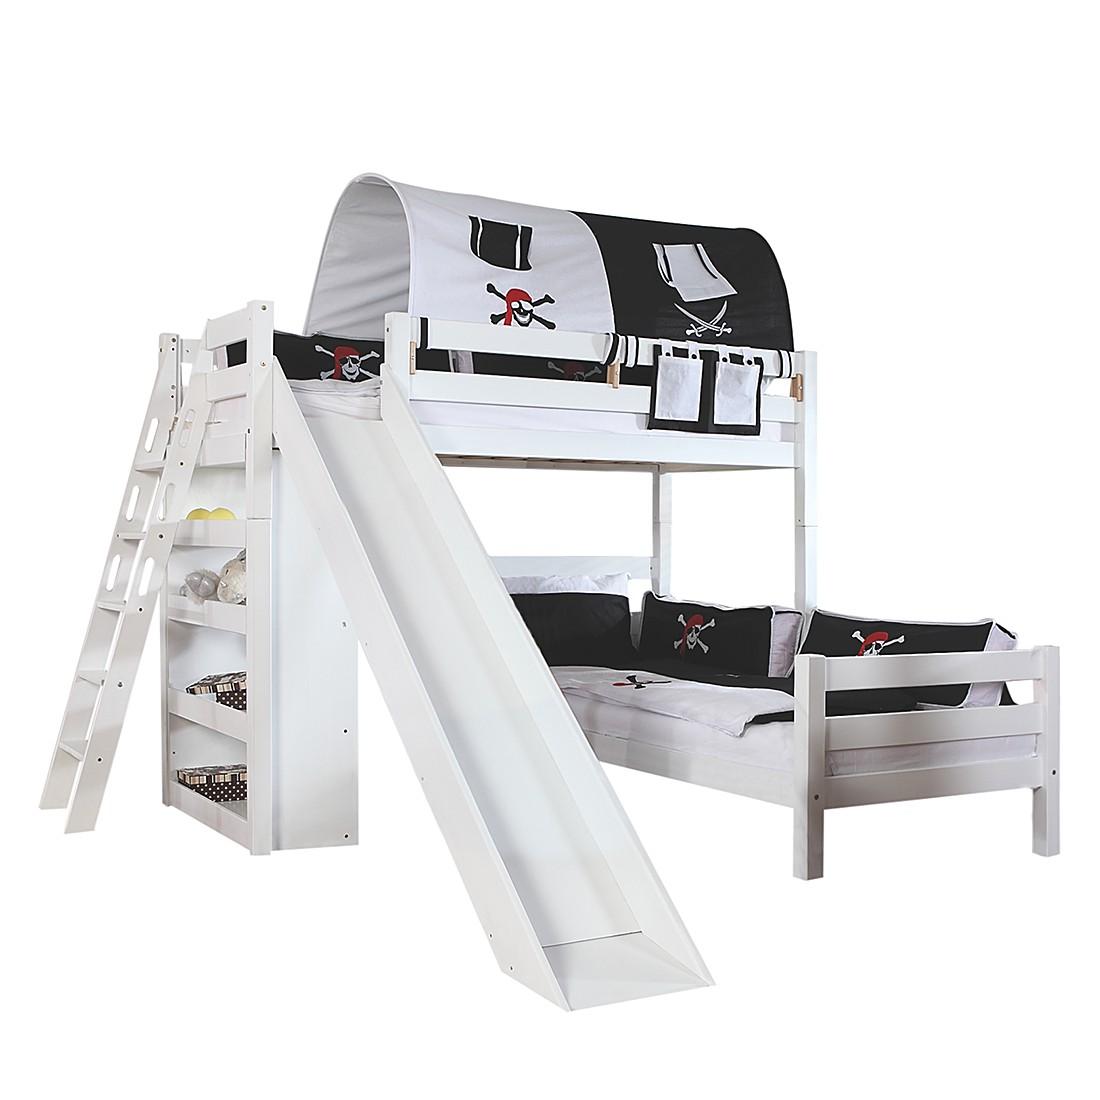 Spielbett Sky - mit Rutsche, Regal, Tunnel und Tasche - Buche massiv weiß/Textil Pirat, Relita